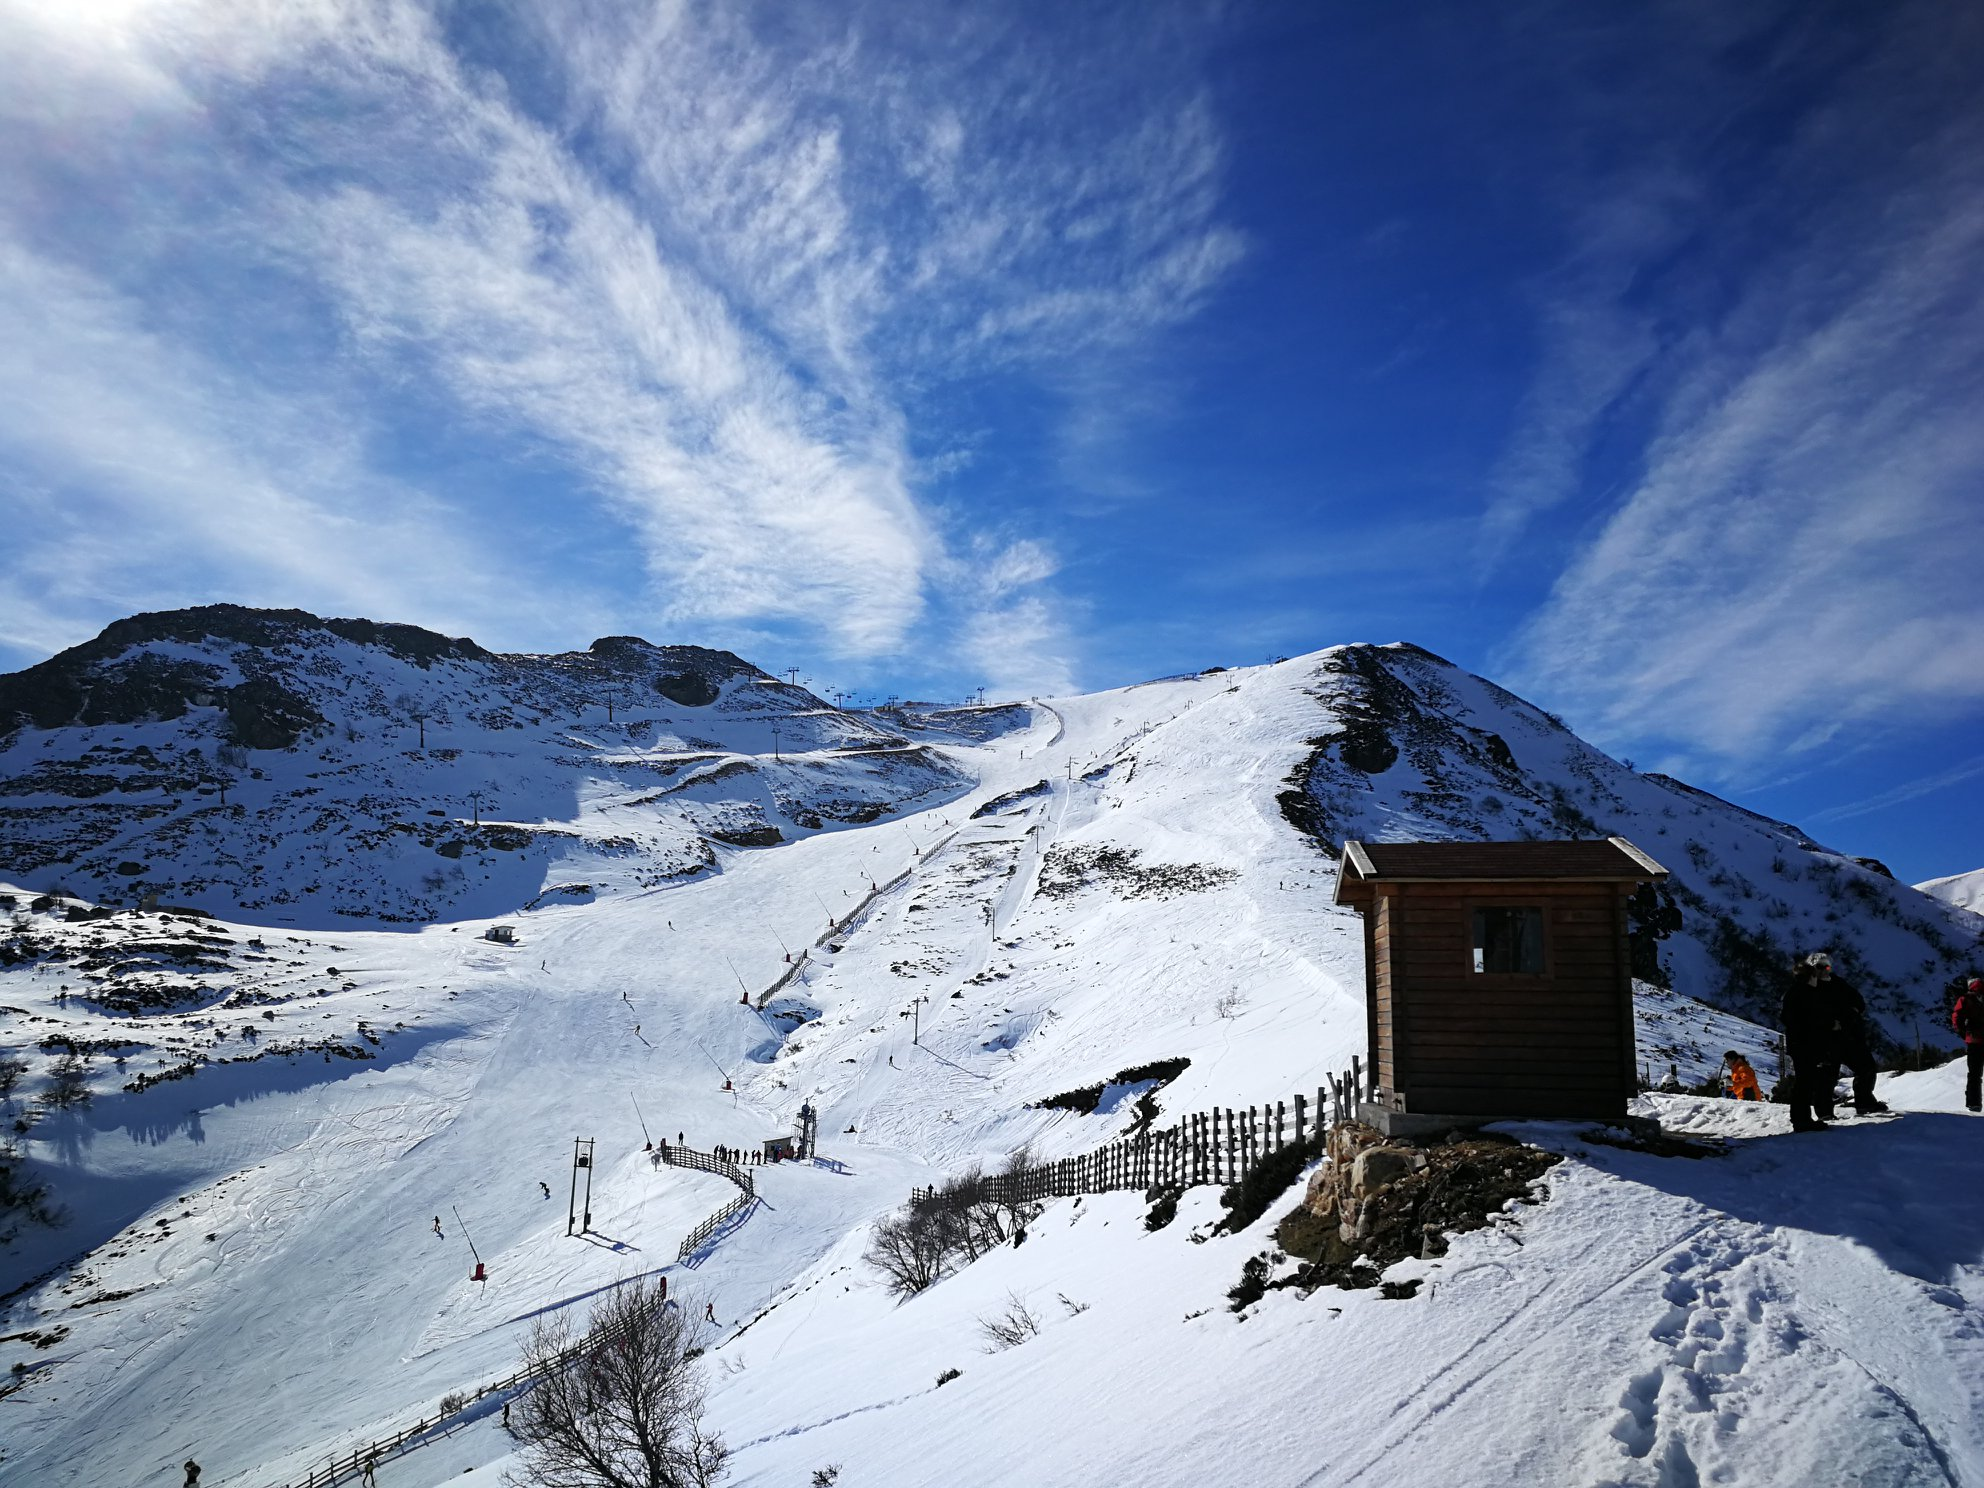 Continúa el buen momento de la nieve asturiana